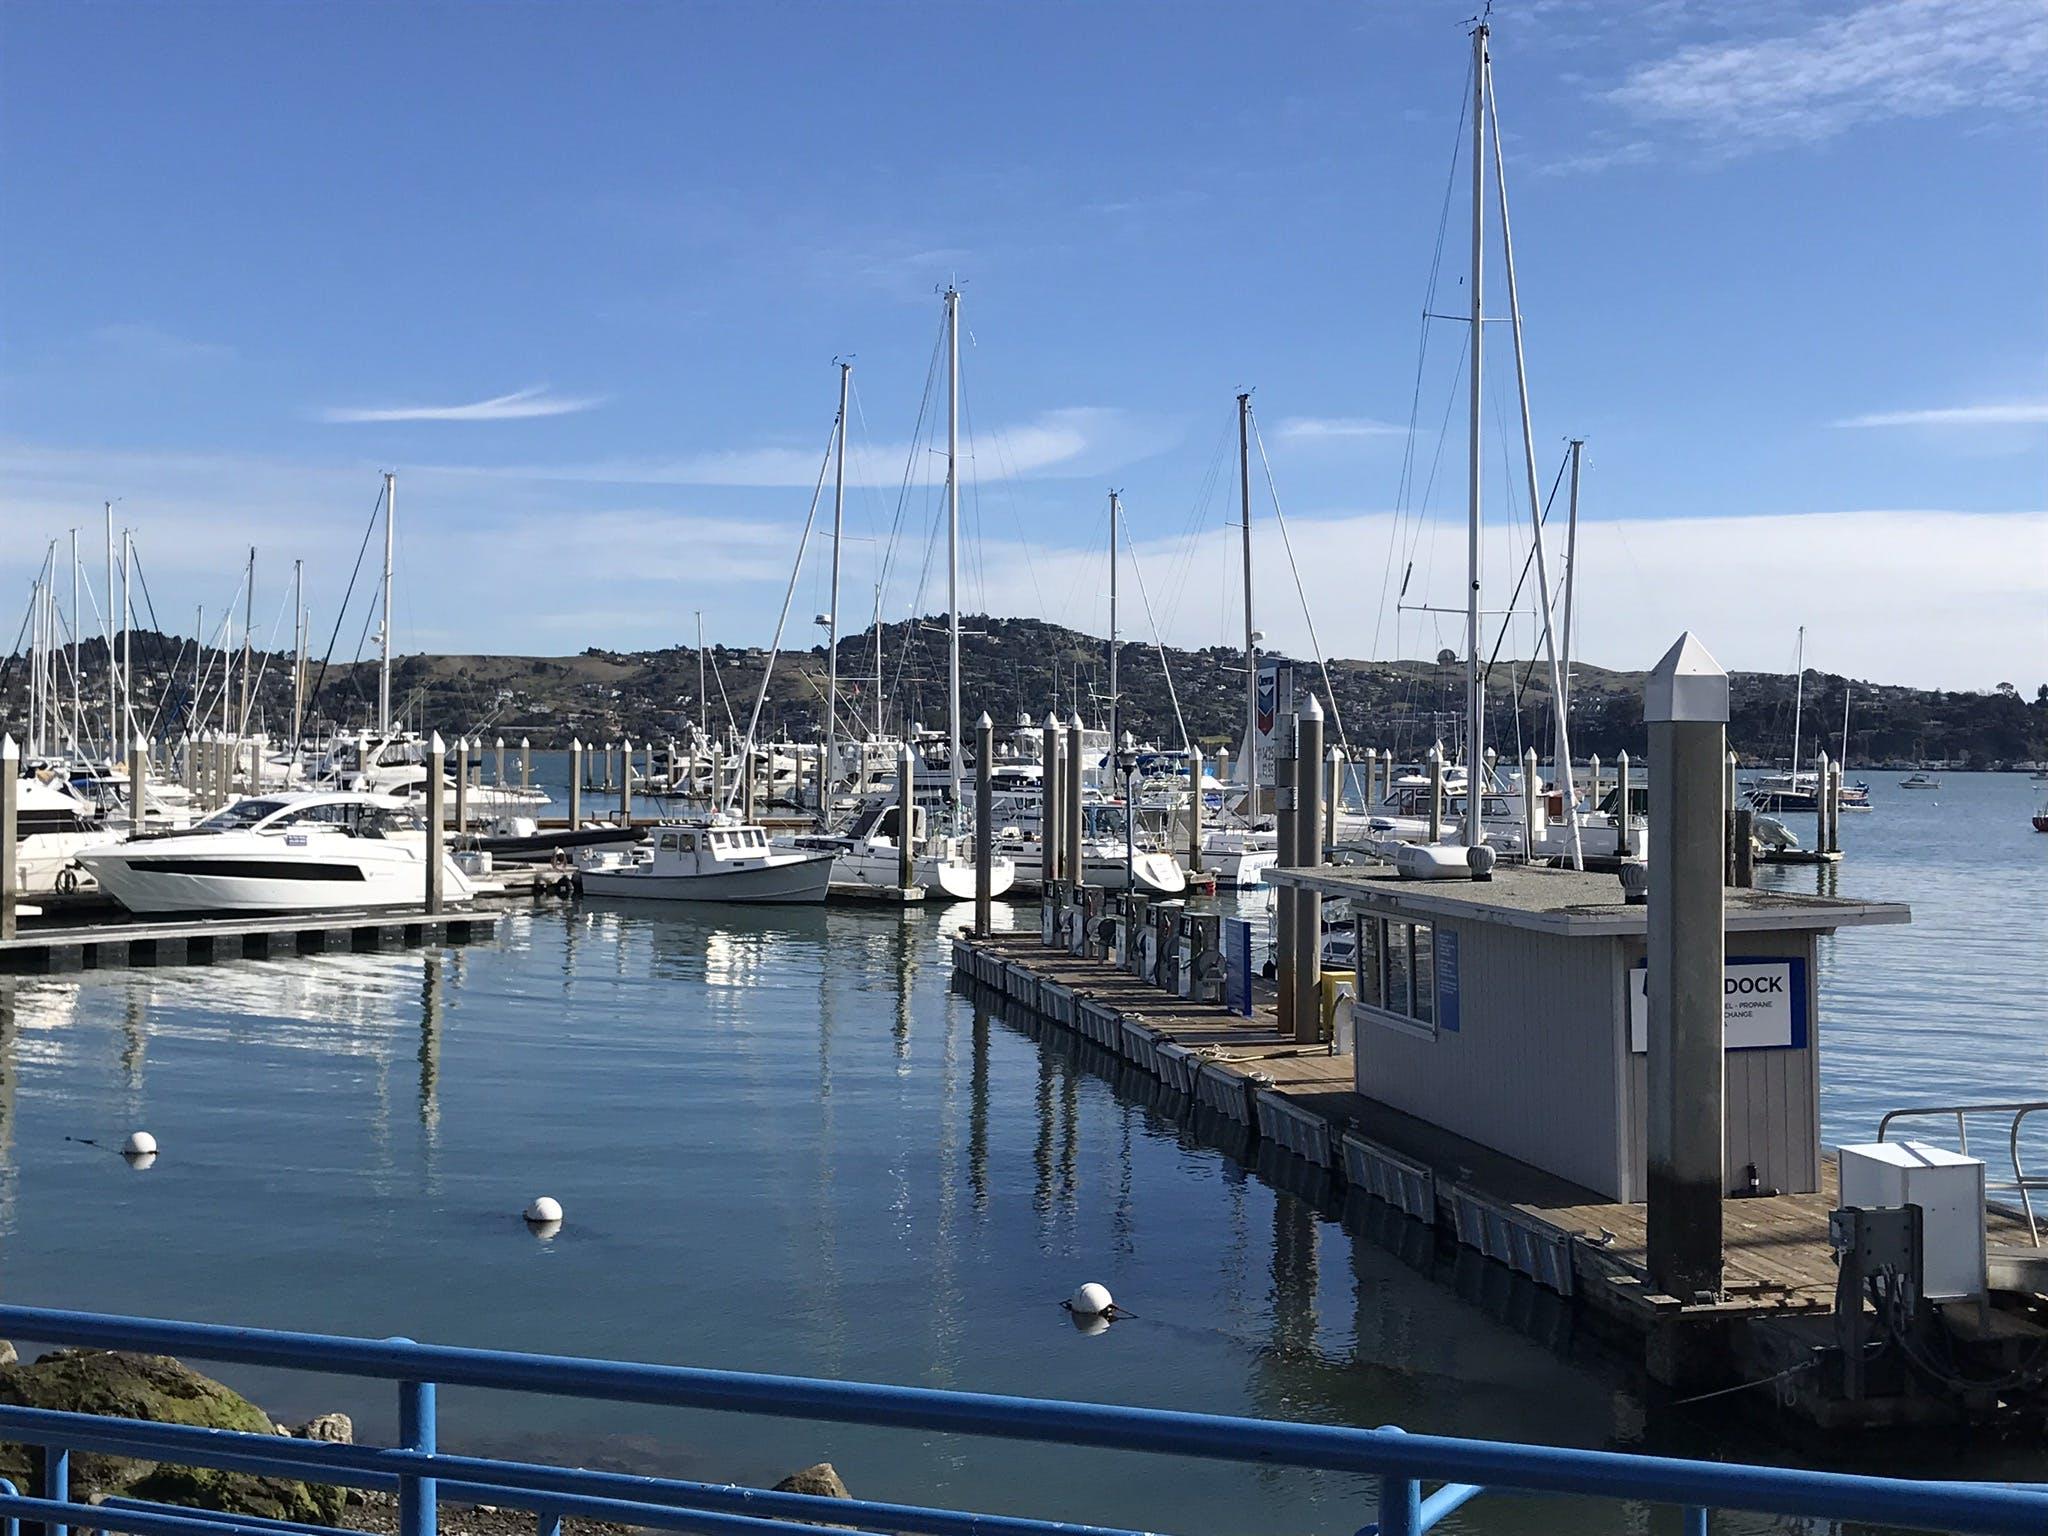 Yacht and Sail Boats Near Boardwalk